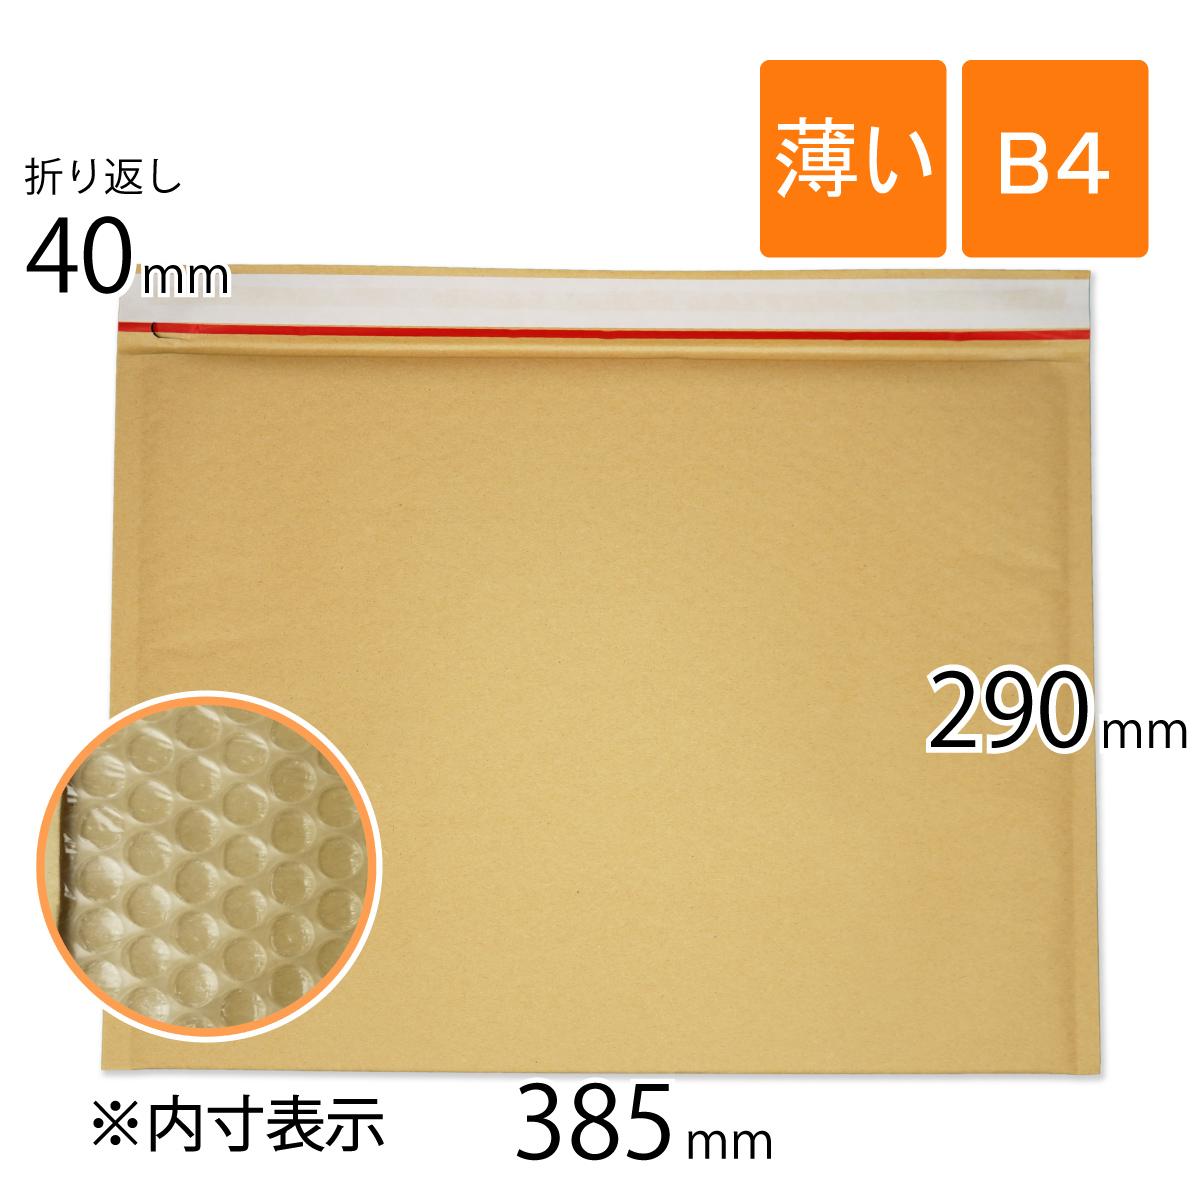 薄いクッション封筒 B4サイズ